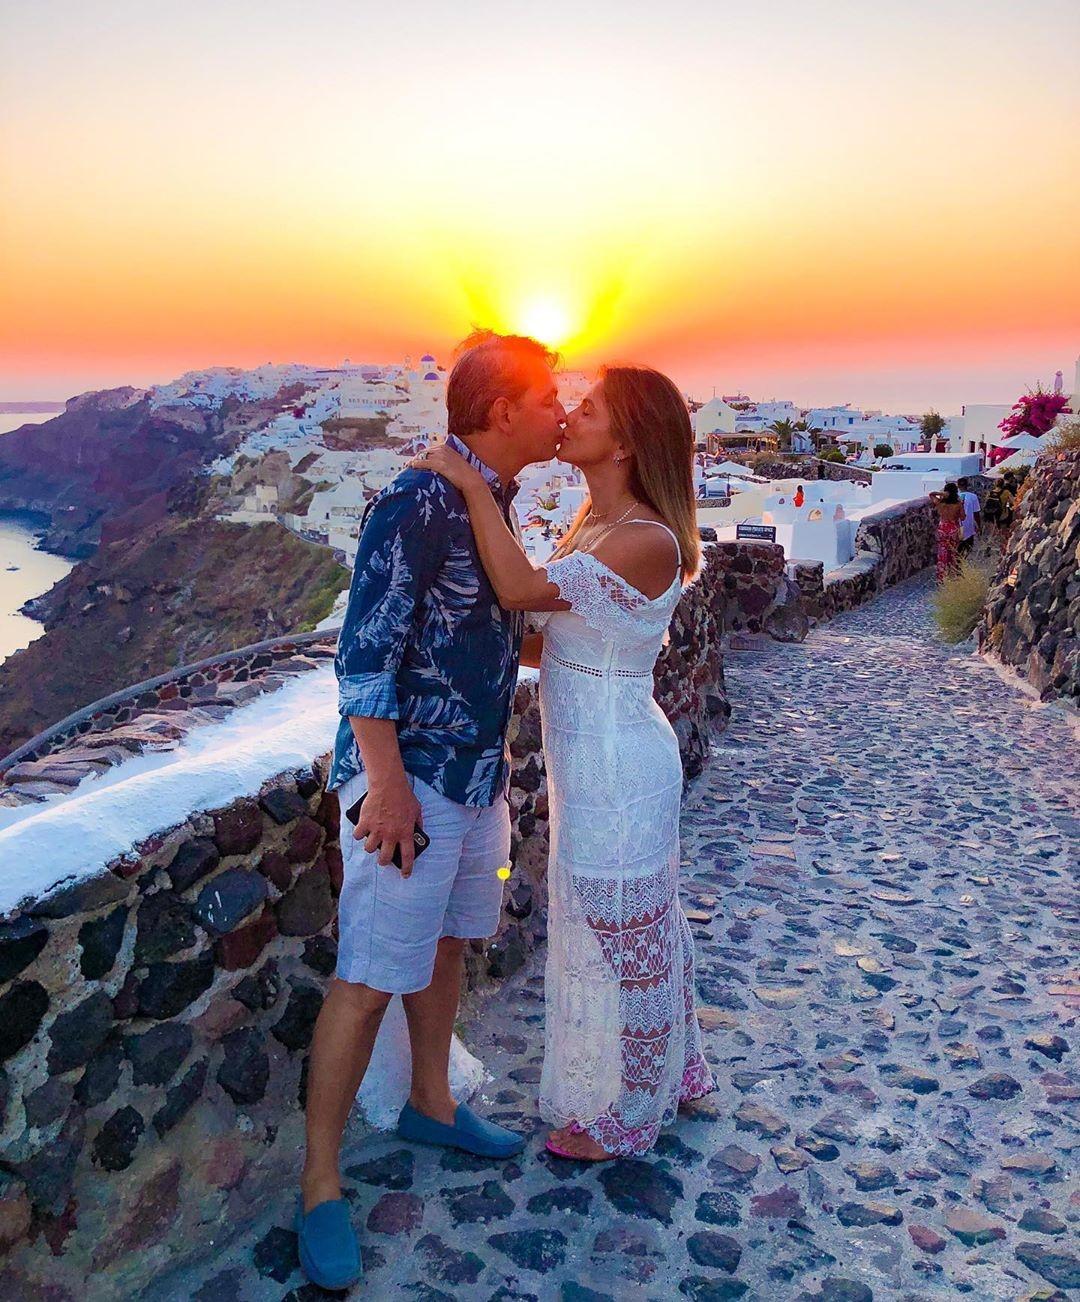 O lugar perfeito de um pôr-do-sol magnífico